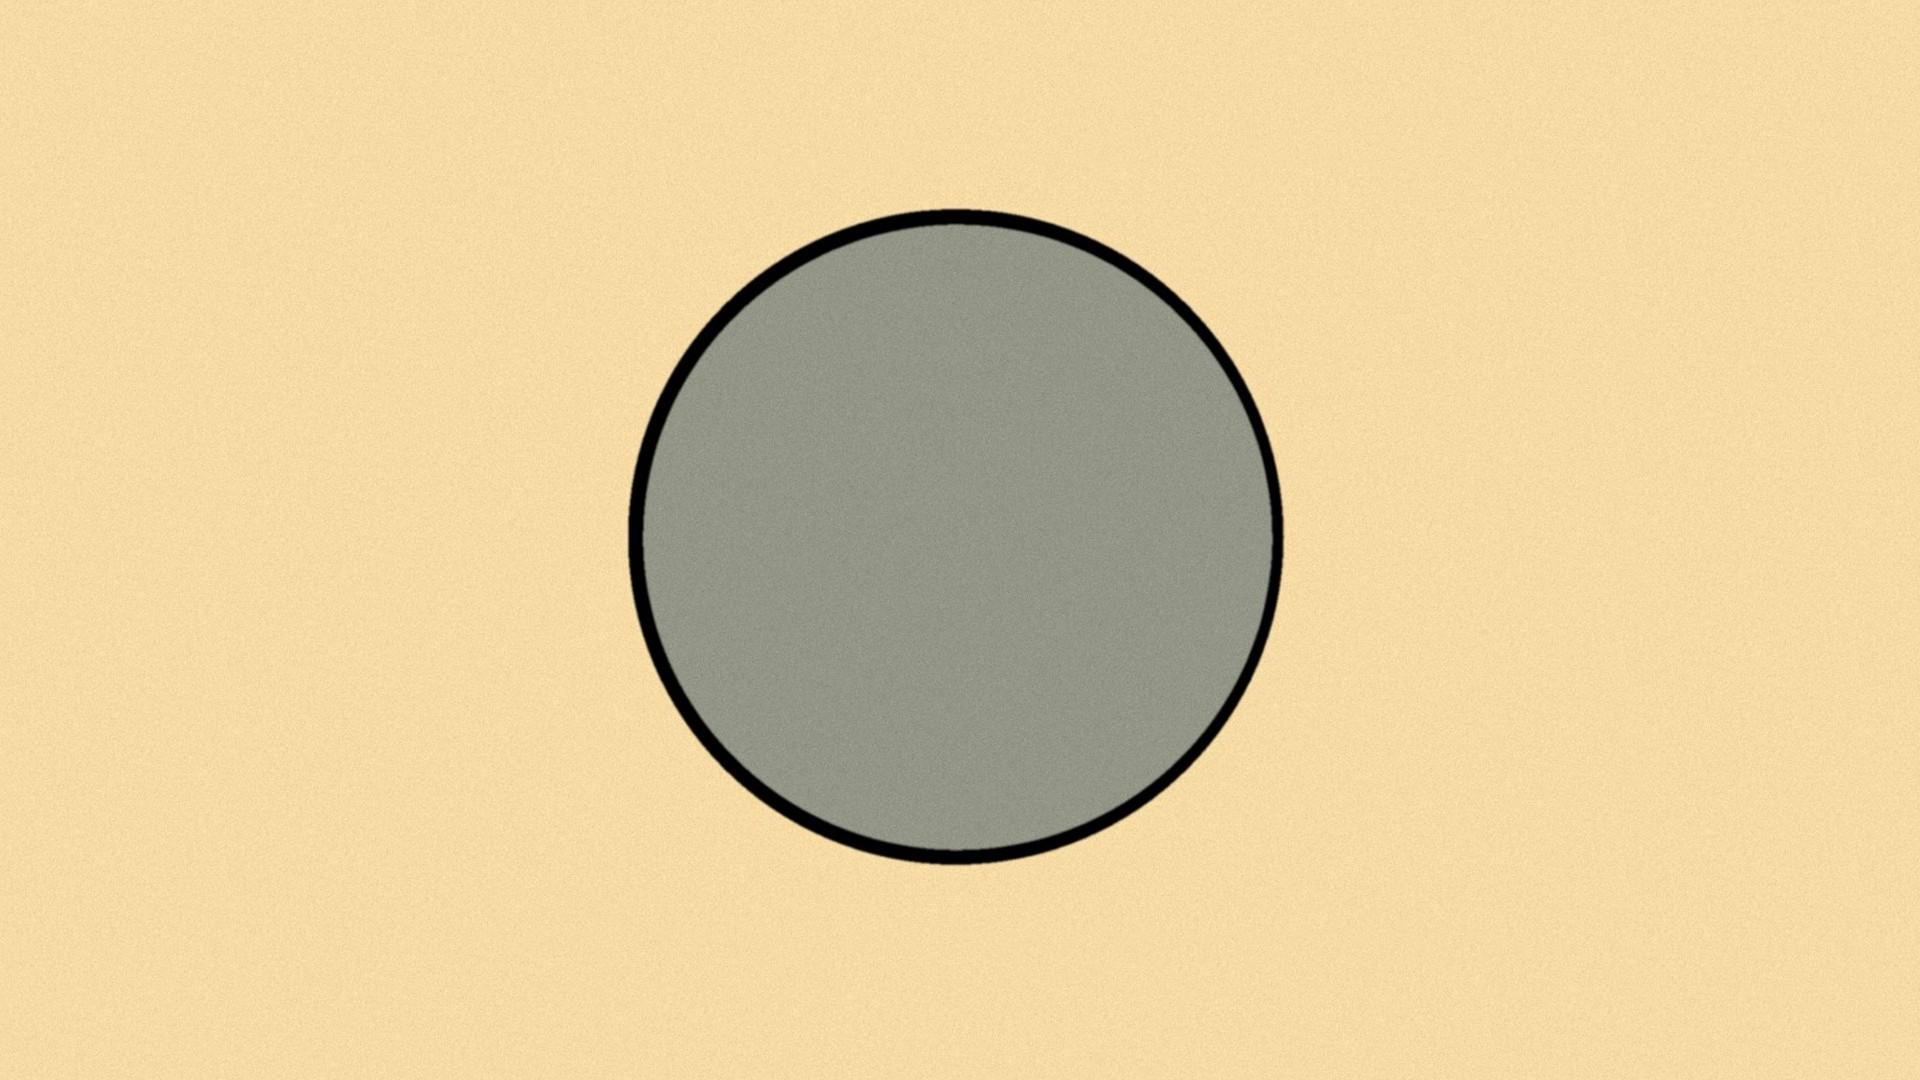 Âm nhạc vòng tròn Bìa album nhãn hiệu Thiên nga 1920x1080 px Hình nền máy  tính